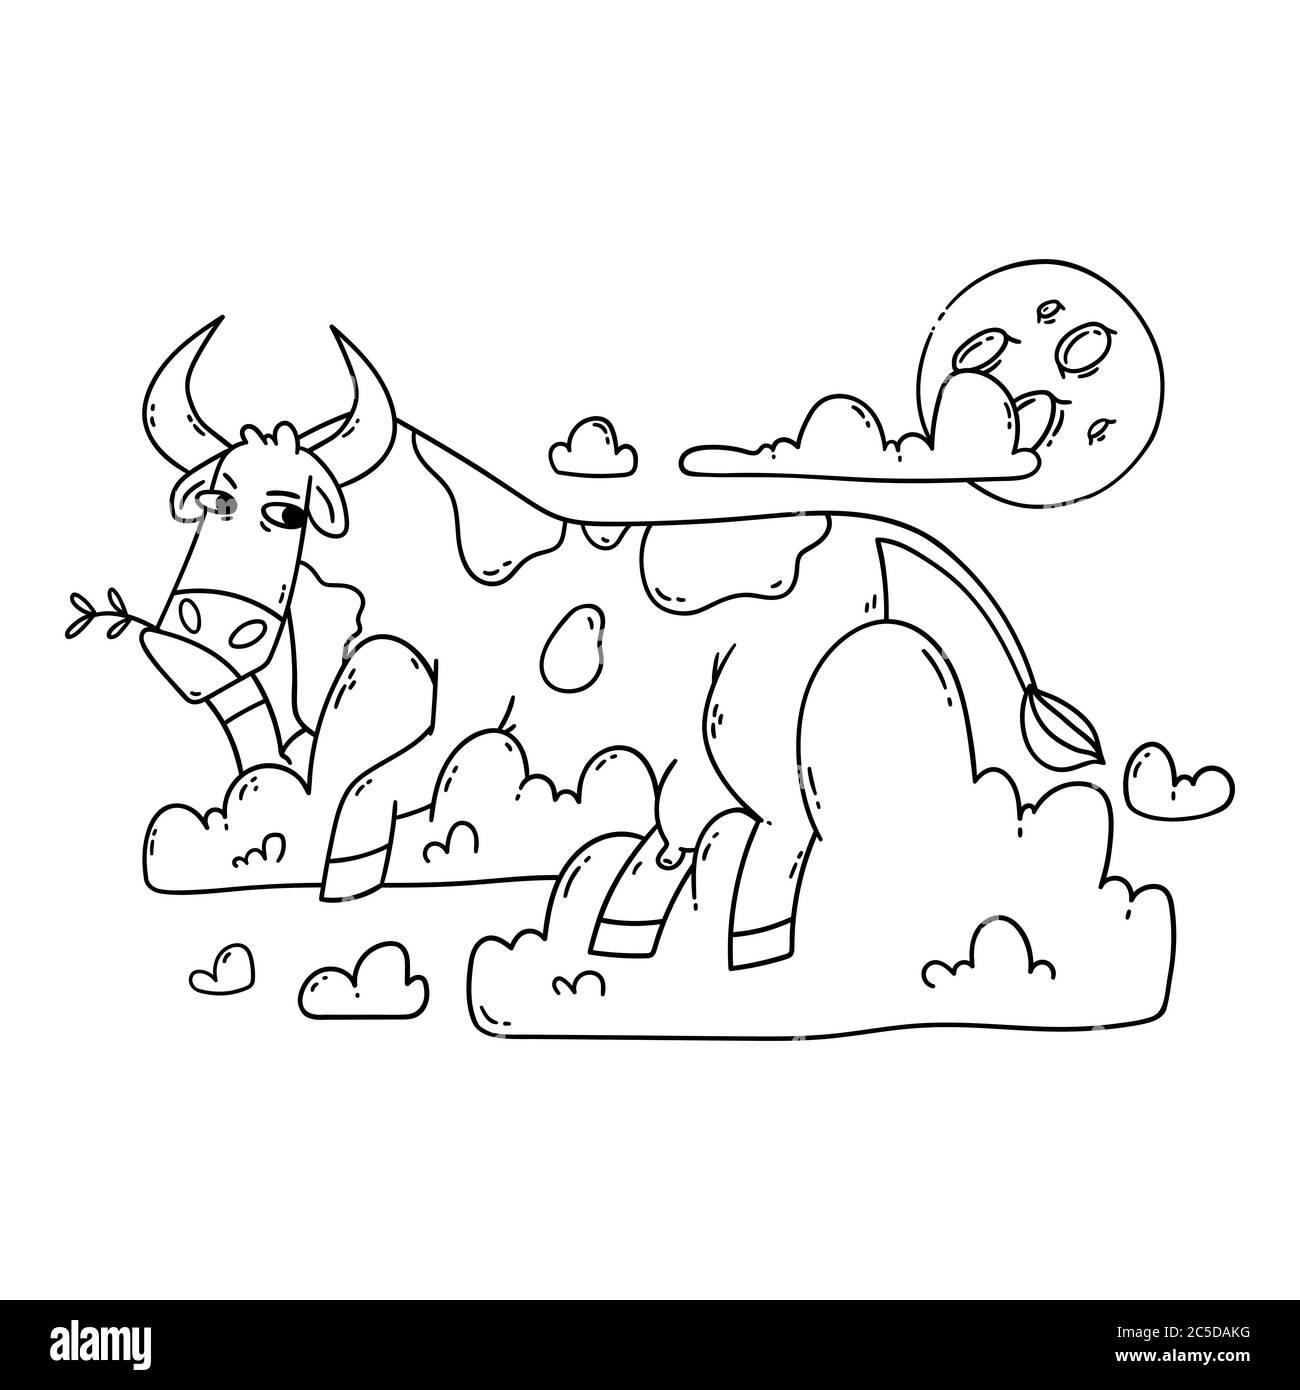 Kuh, die auf den Wolken ruht und den Mond anschaut. Entspannen und träumen. Lustig, Humor, Cartoon Tier Illustration. Umriss, schwarz-weiß illustratio Stock Vektor